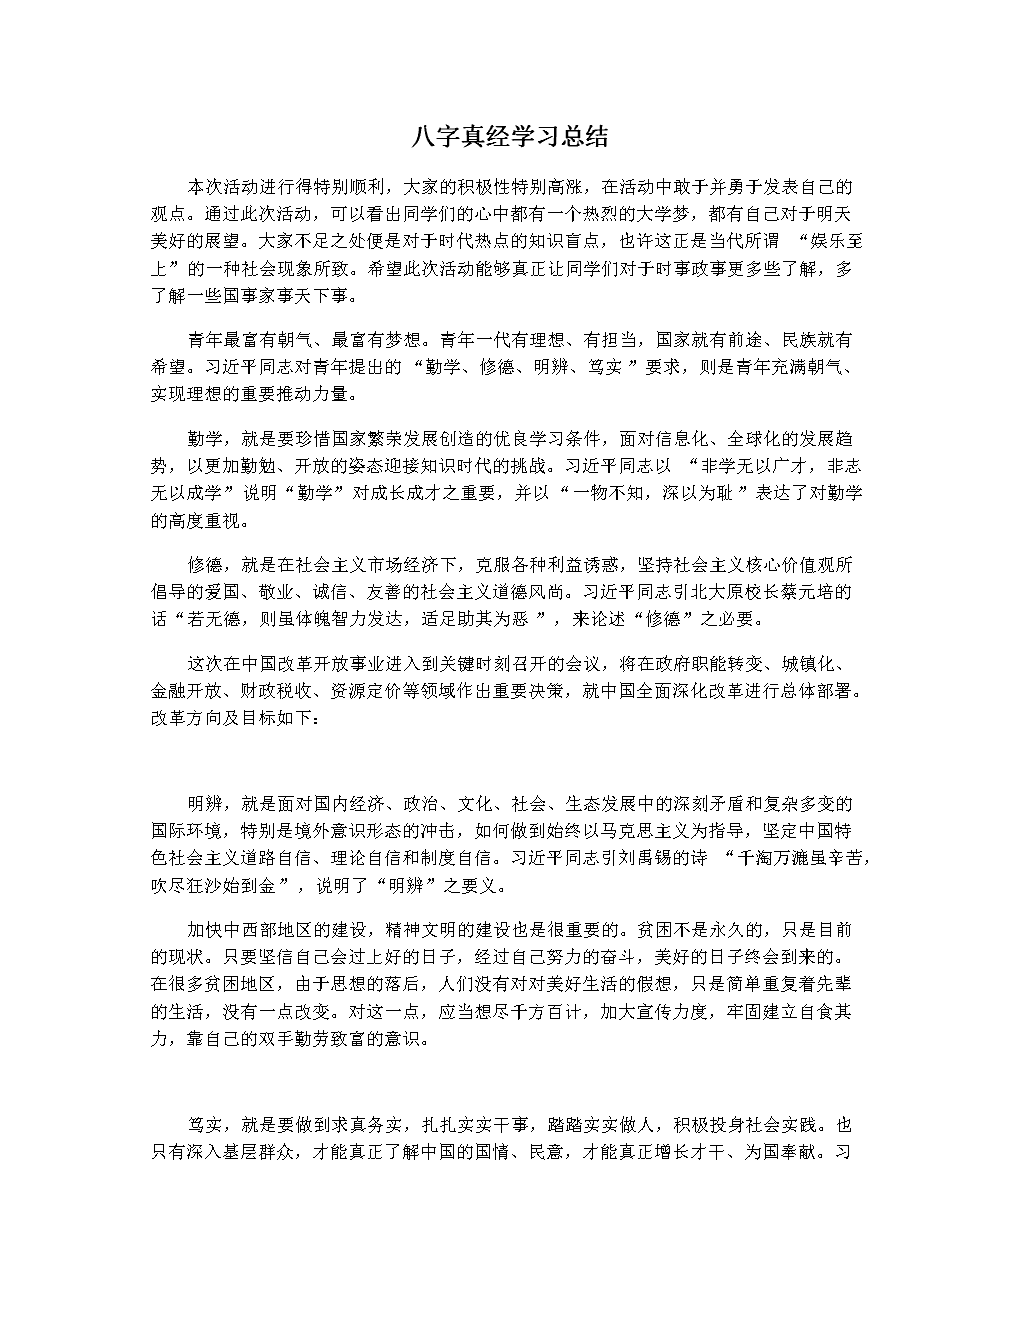 八字真经学习总结.docx